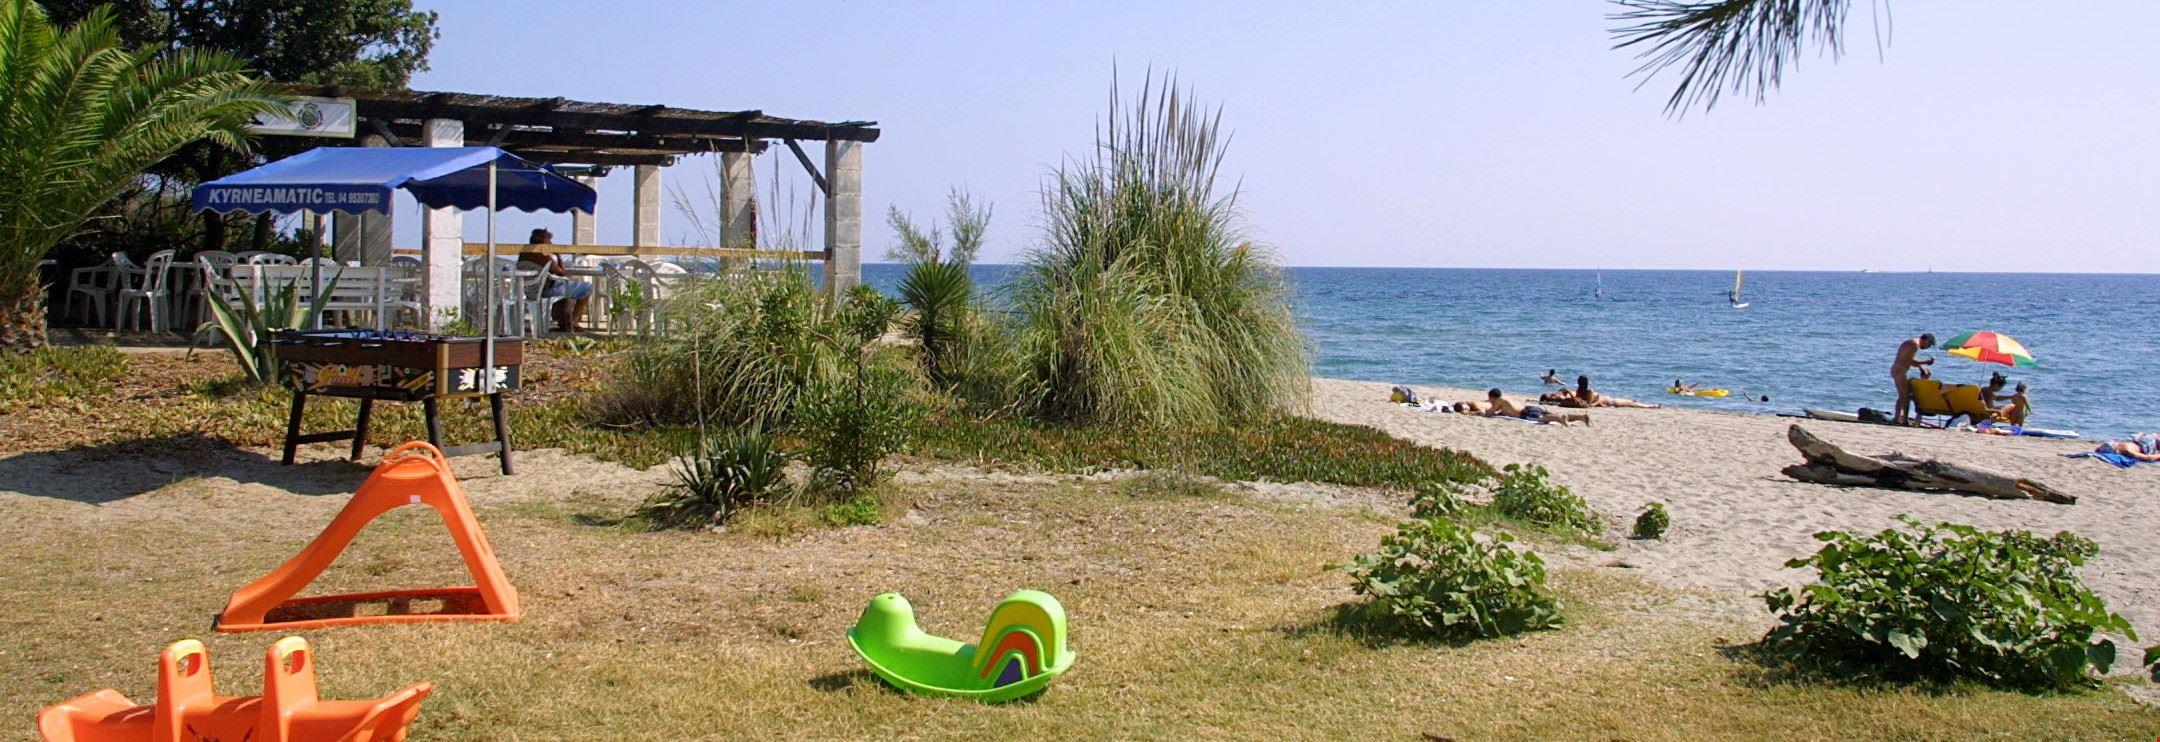 Camping sul Mare a Santa Lucia di Moriani, Corsica